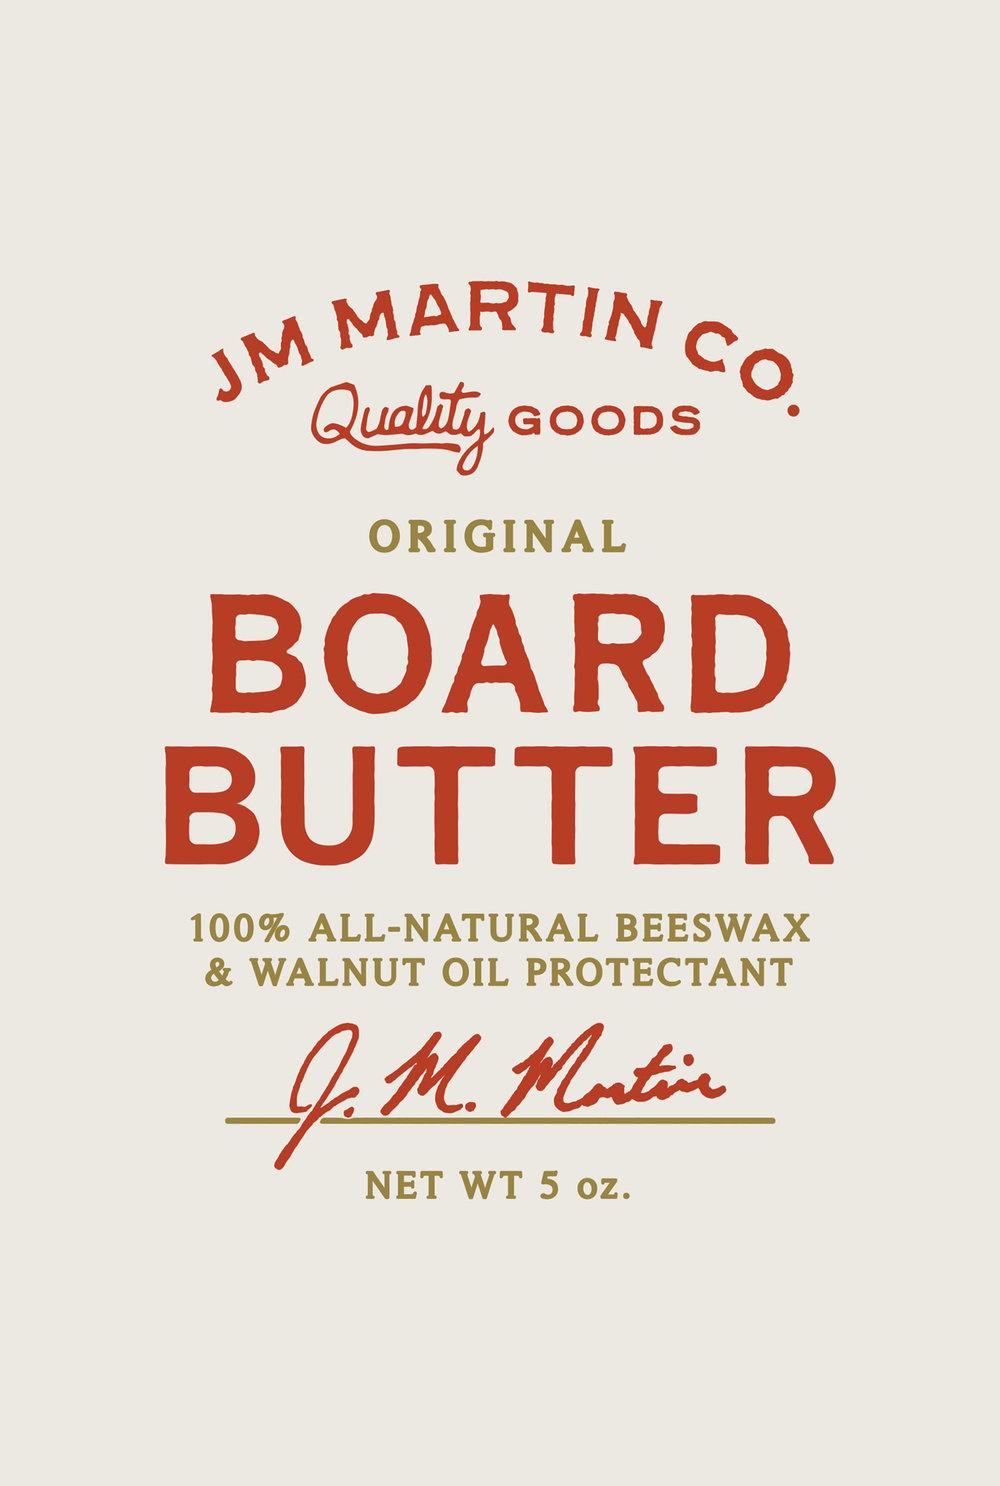 jmmartin-vert_board-butter.jpg